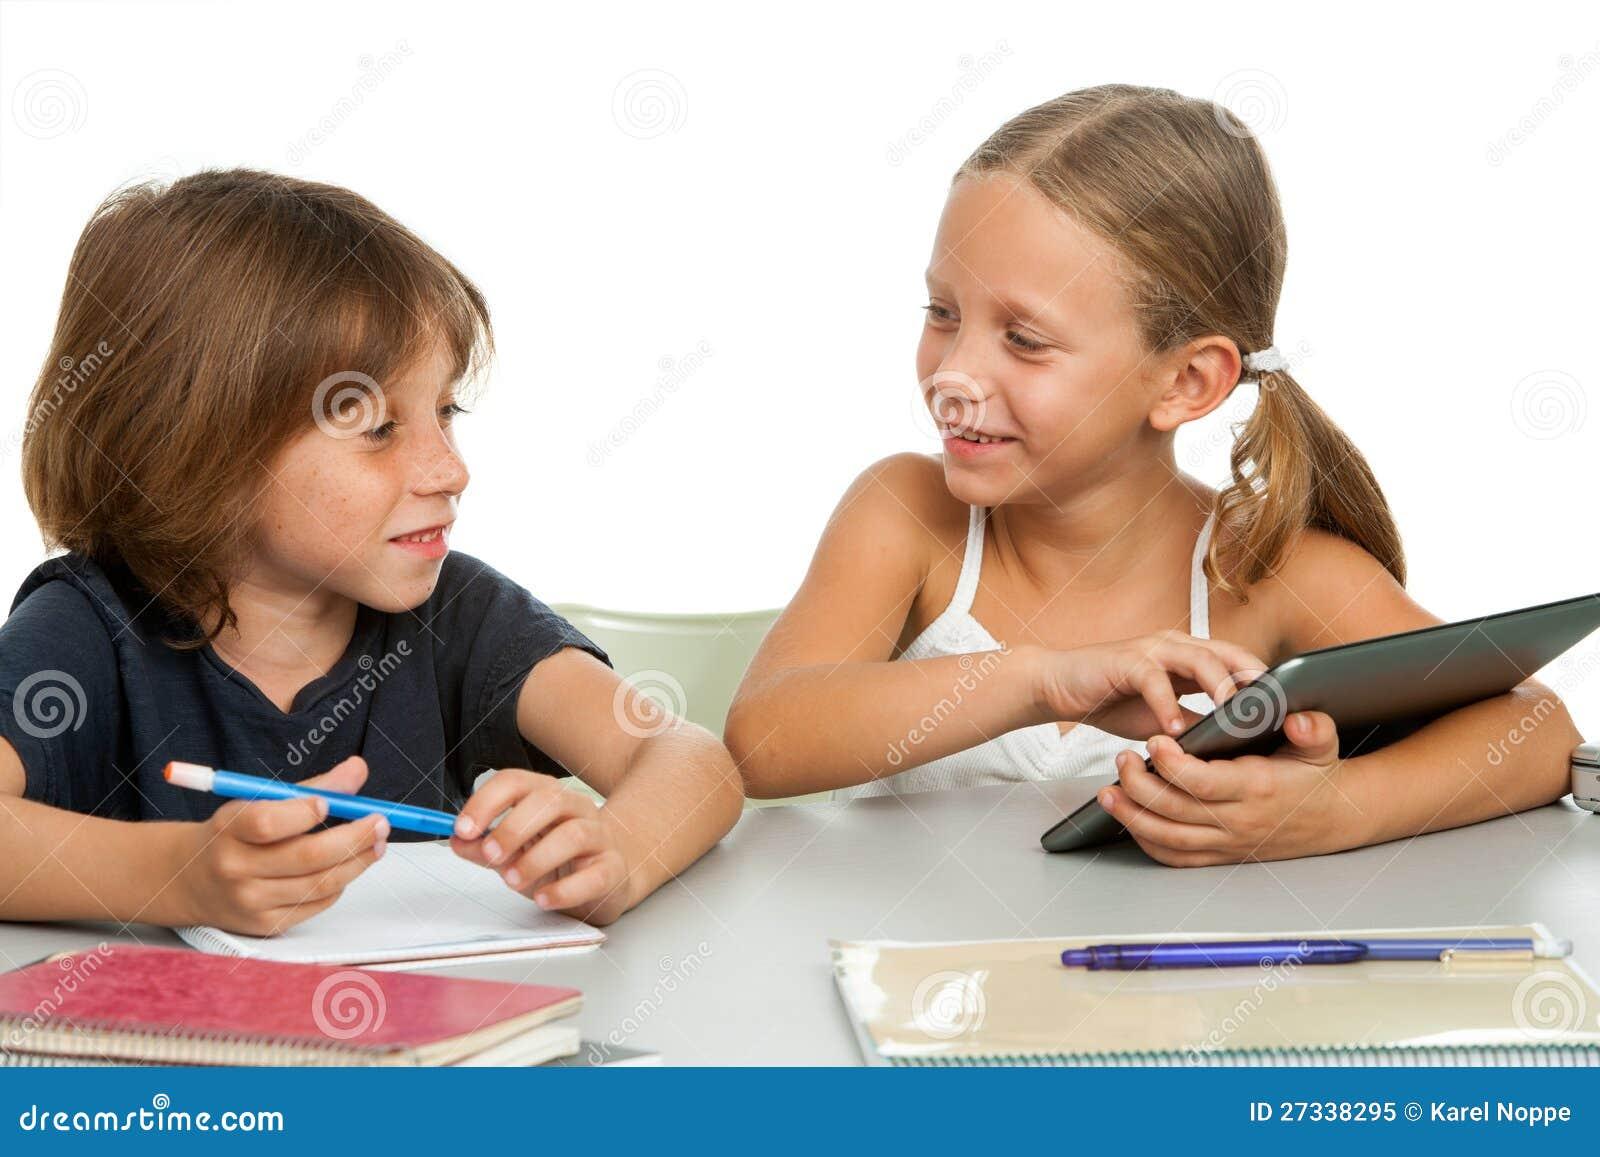 kids at 2 - photo #8